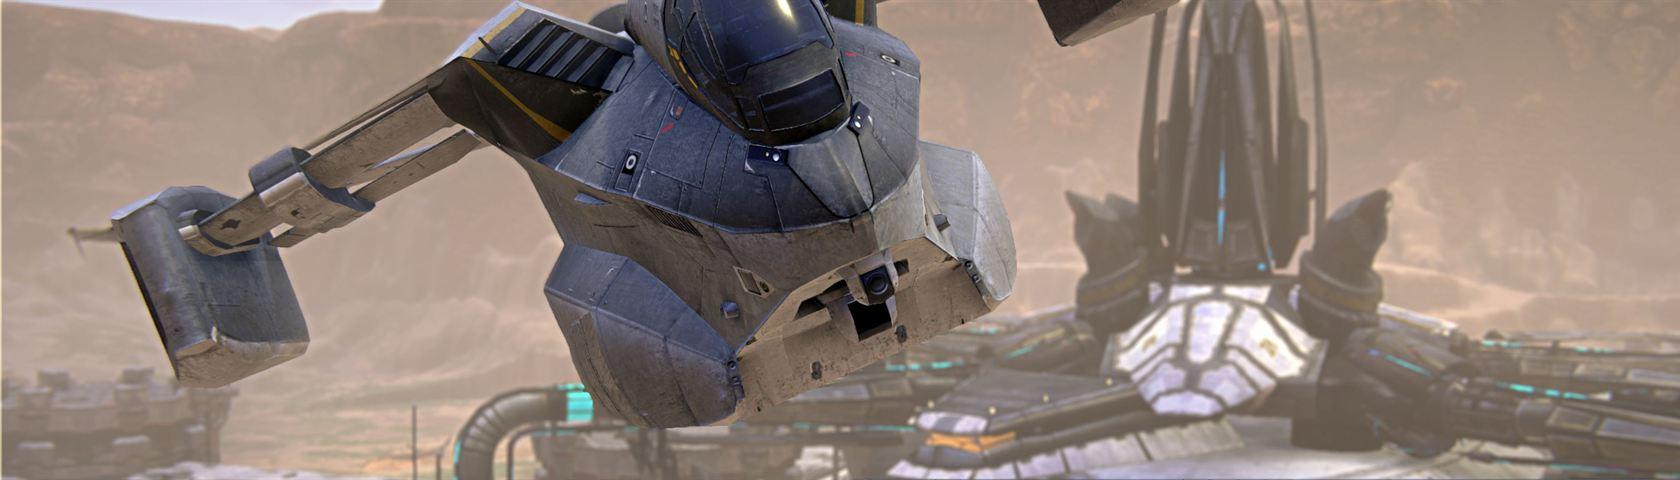 Planet Side 2 Air Assault